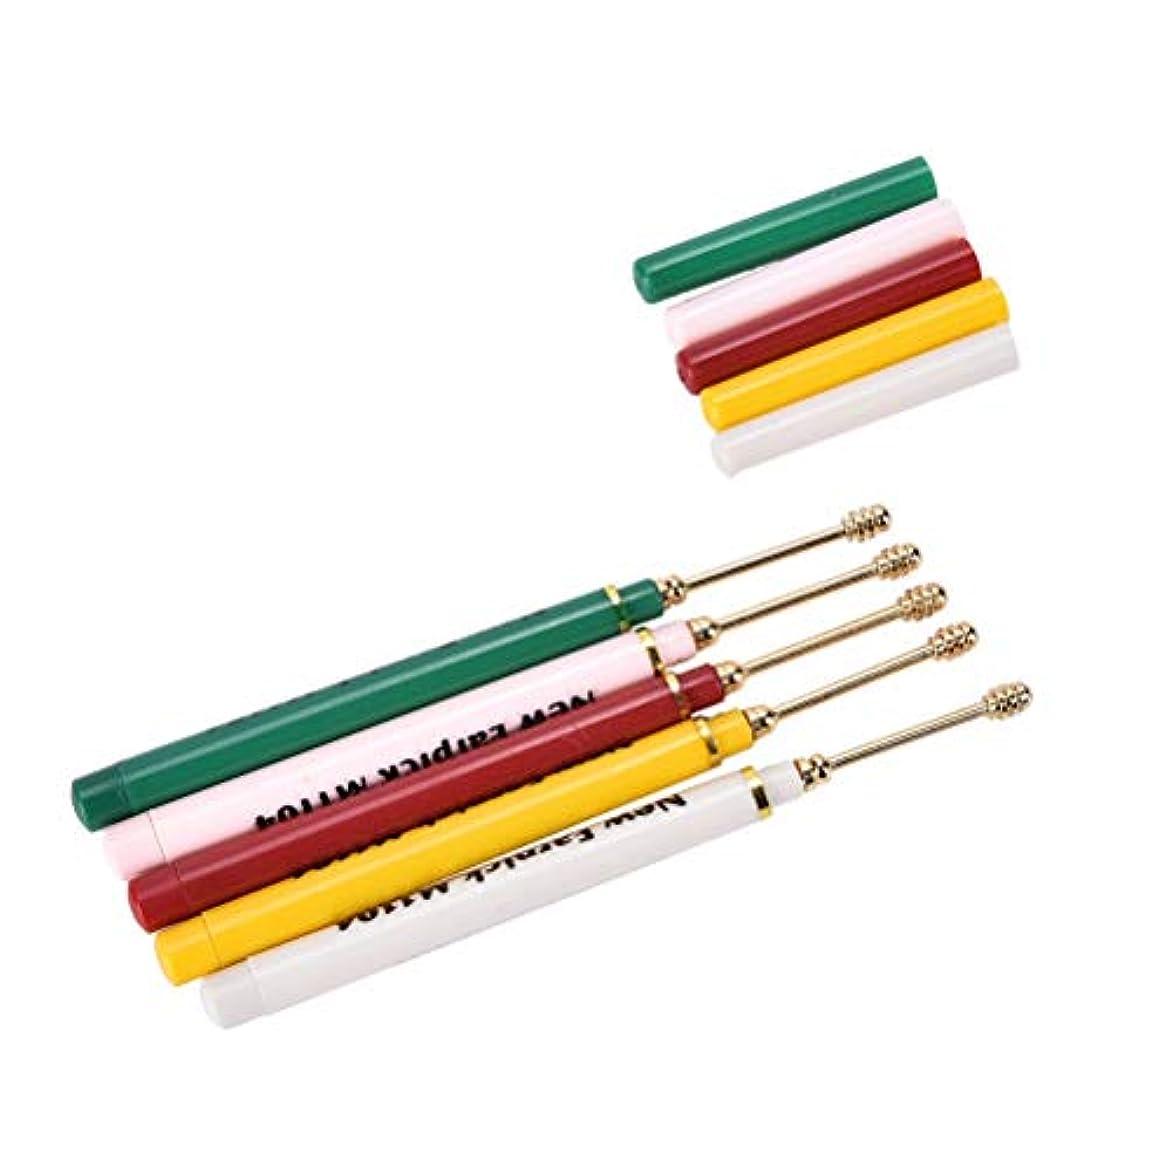 ラブ有能なスリップZHQI-GH 1ピースキュレットスクリューリムーバースティッククリーナーピック耳ツールワックス耳かきヘルスケアツールアクセサリーランダムカラー 17 (色 : Multi-colored)